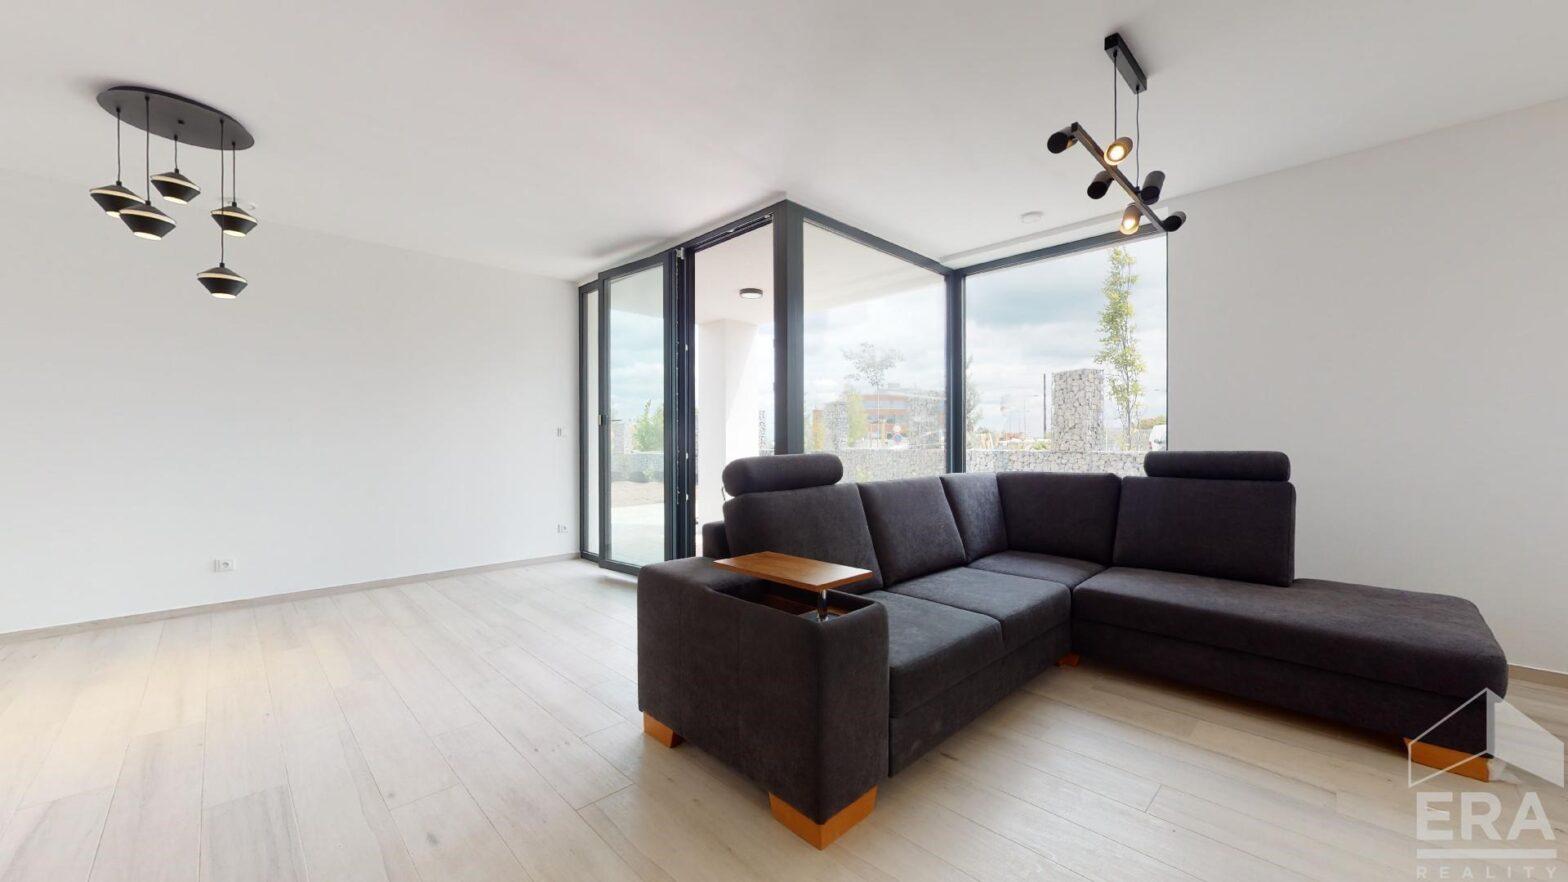 Prodej bytu 3+kk 94 m²,terasa 39,4 m², lodžie 6,9 m² zahrada 185,6 m²(+garáž+ sklep), Praha 5 – Na Vidouli Ul. Jindrova                                                                         Cena:12 908 027 Kč